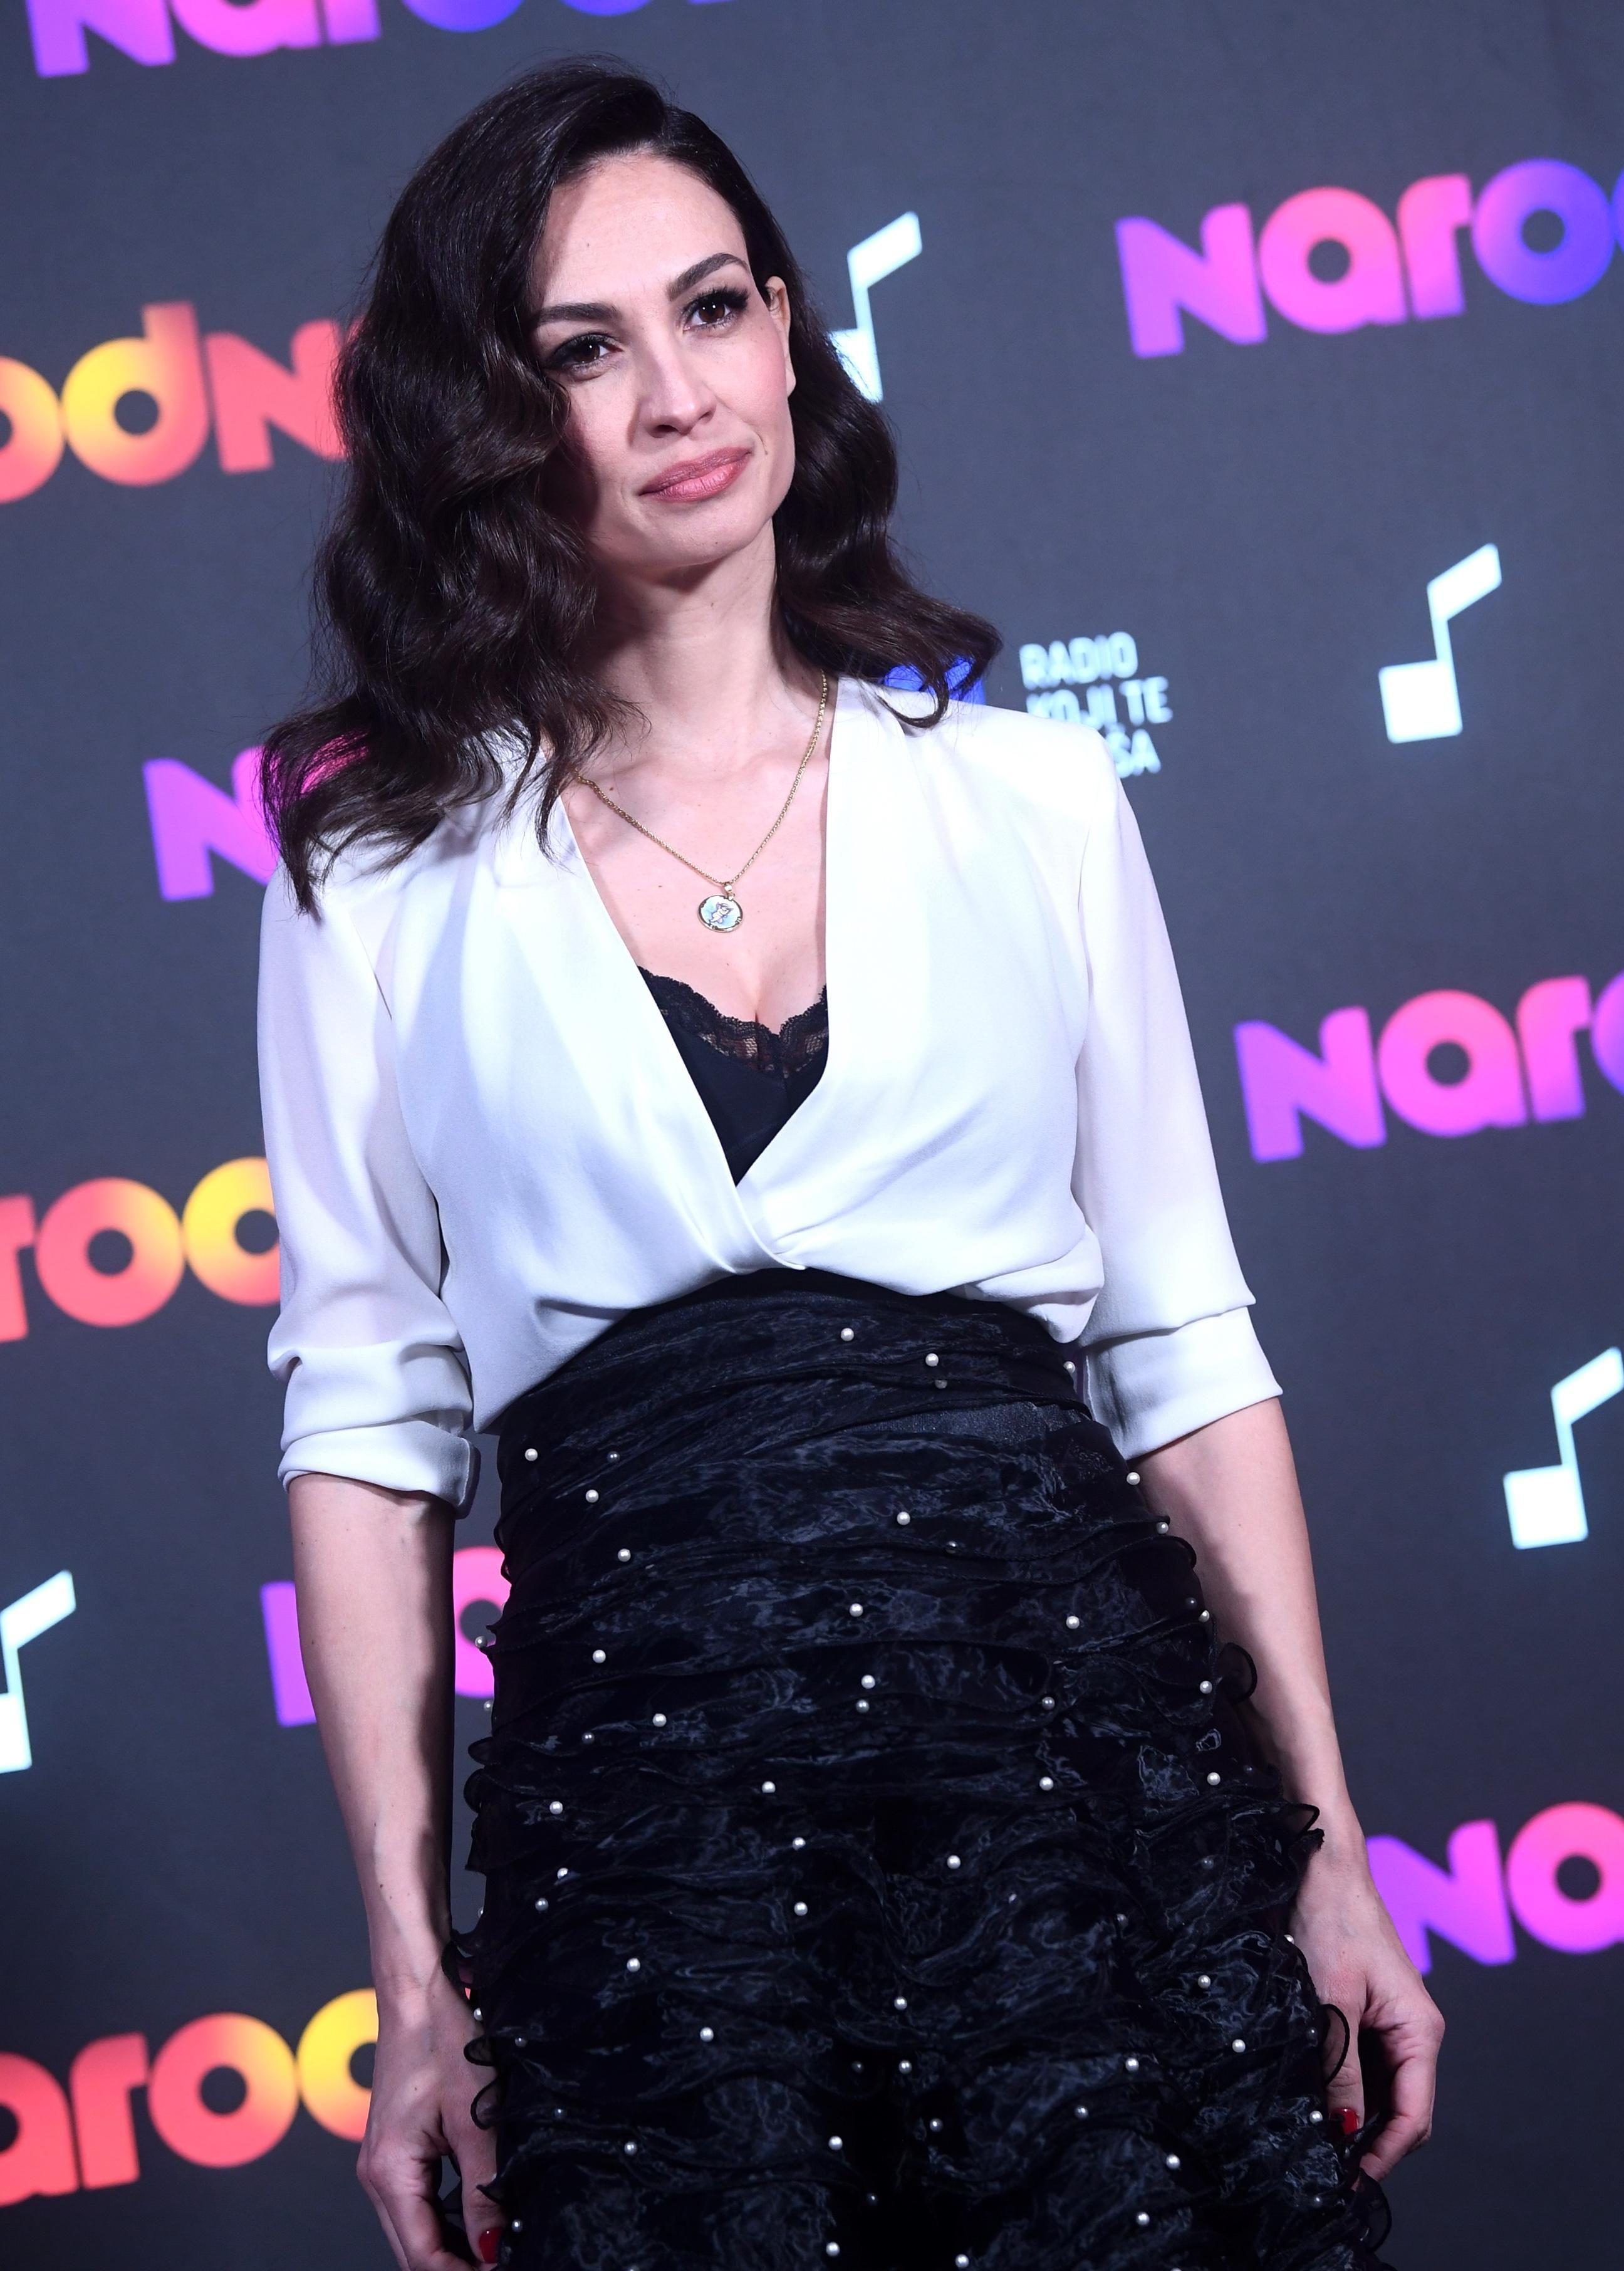 Monika Kravić izgleda spektakularno; pozornost ukrala u neobičnoj, raskošnoj suknji koja joj pristaje savršeno